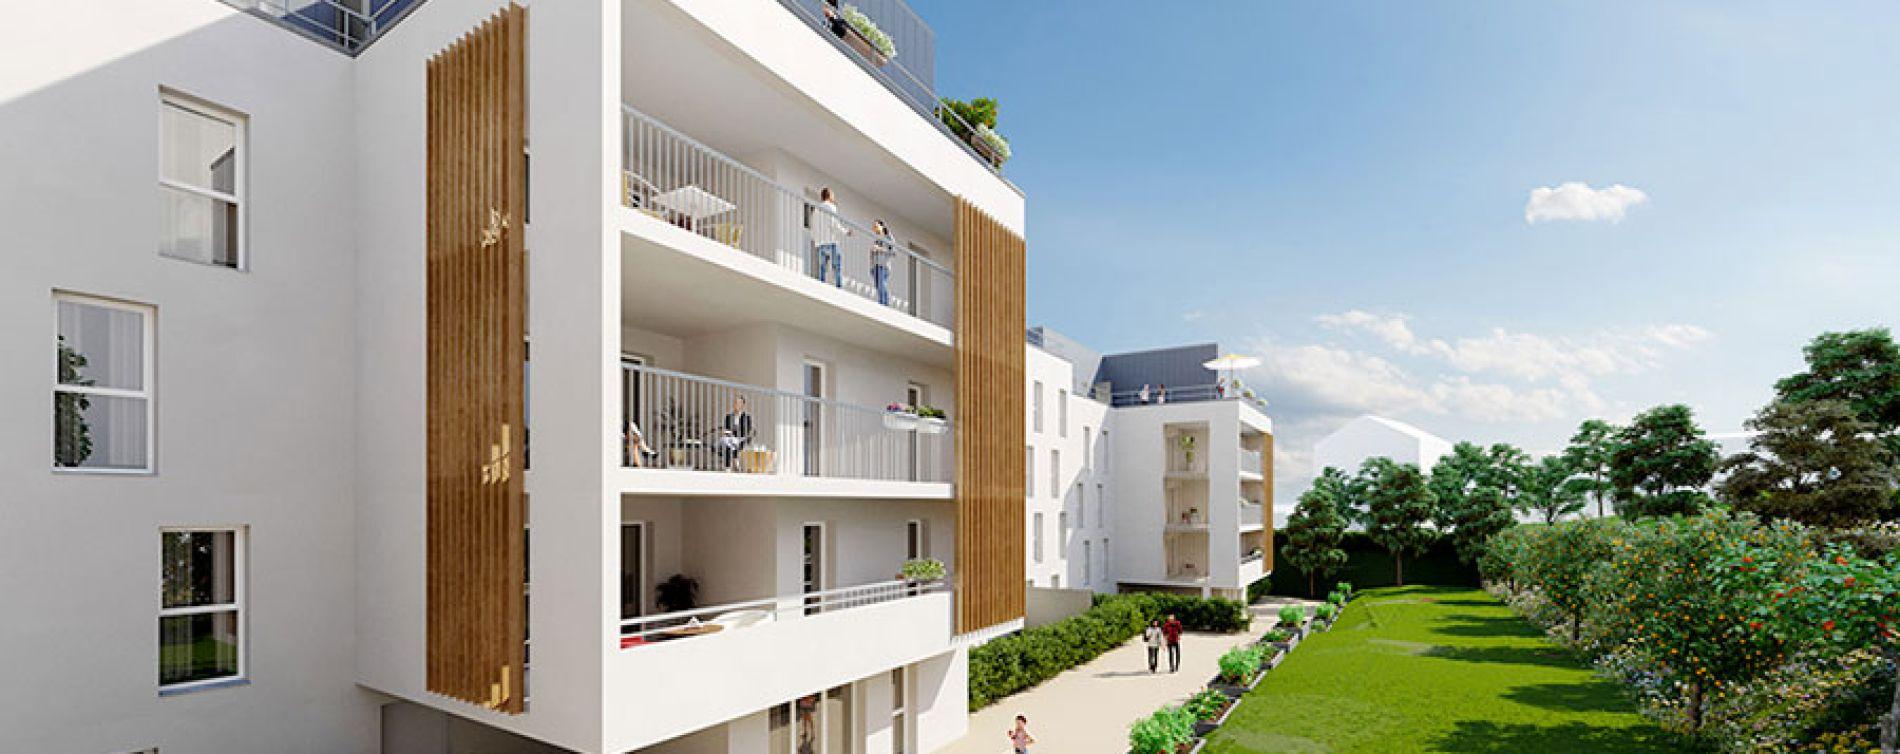 Résidence Les Terrasses du Marais à Champigny-sur-Marne